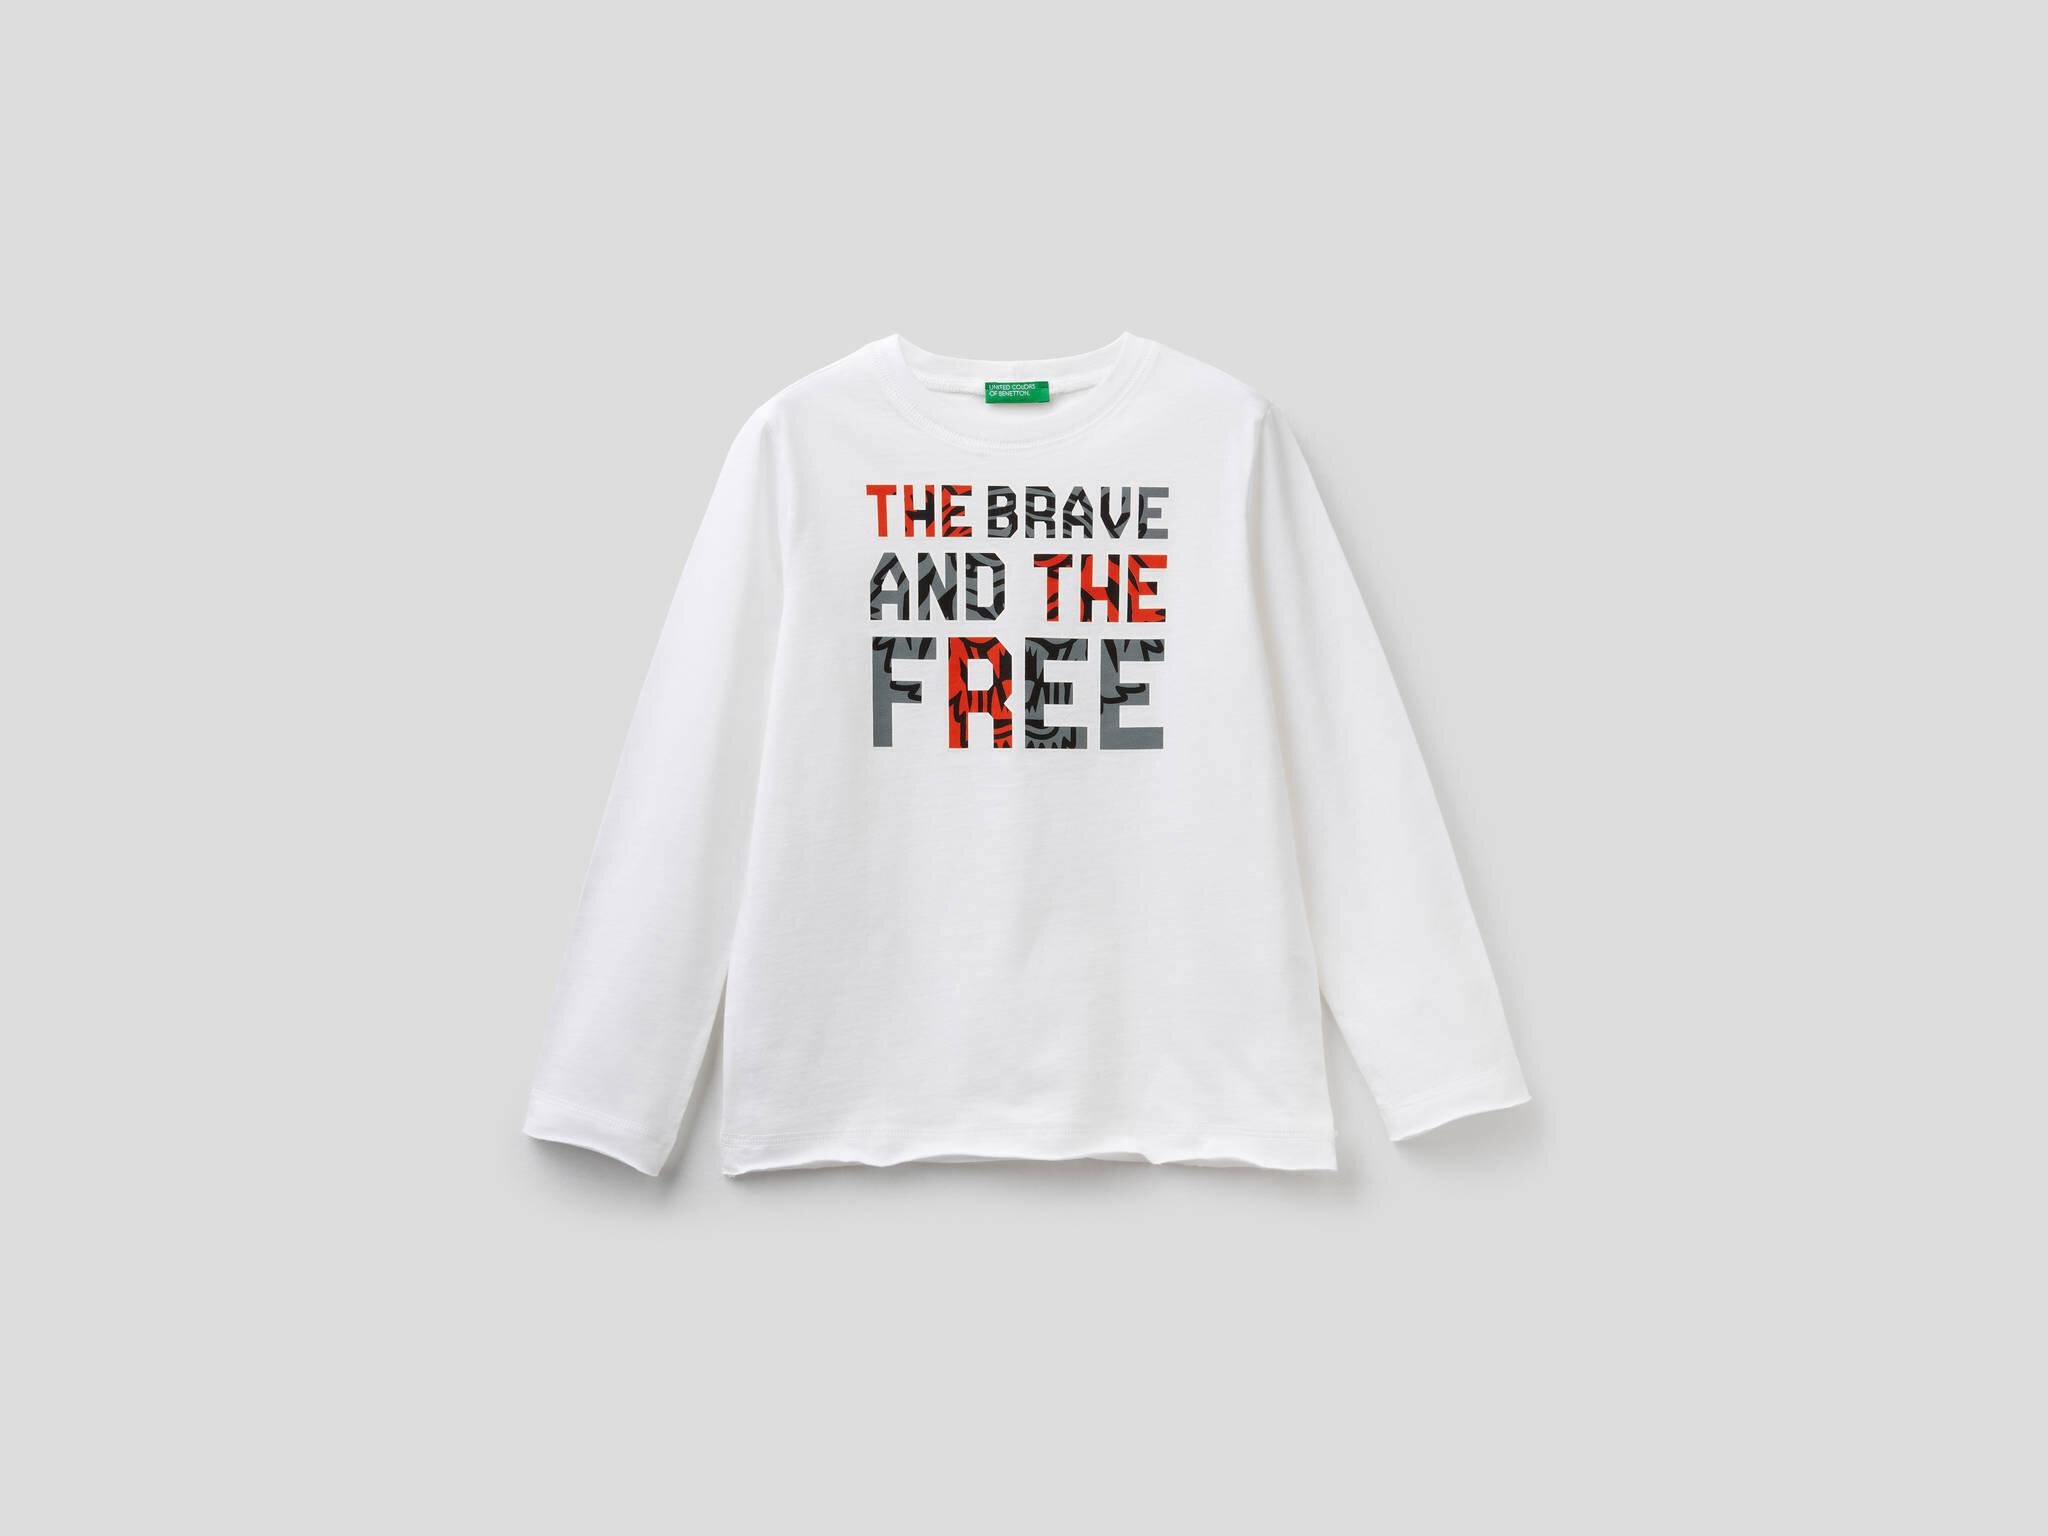 Kaplan Yazı Baskılı Tshirt